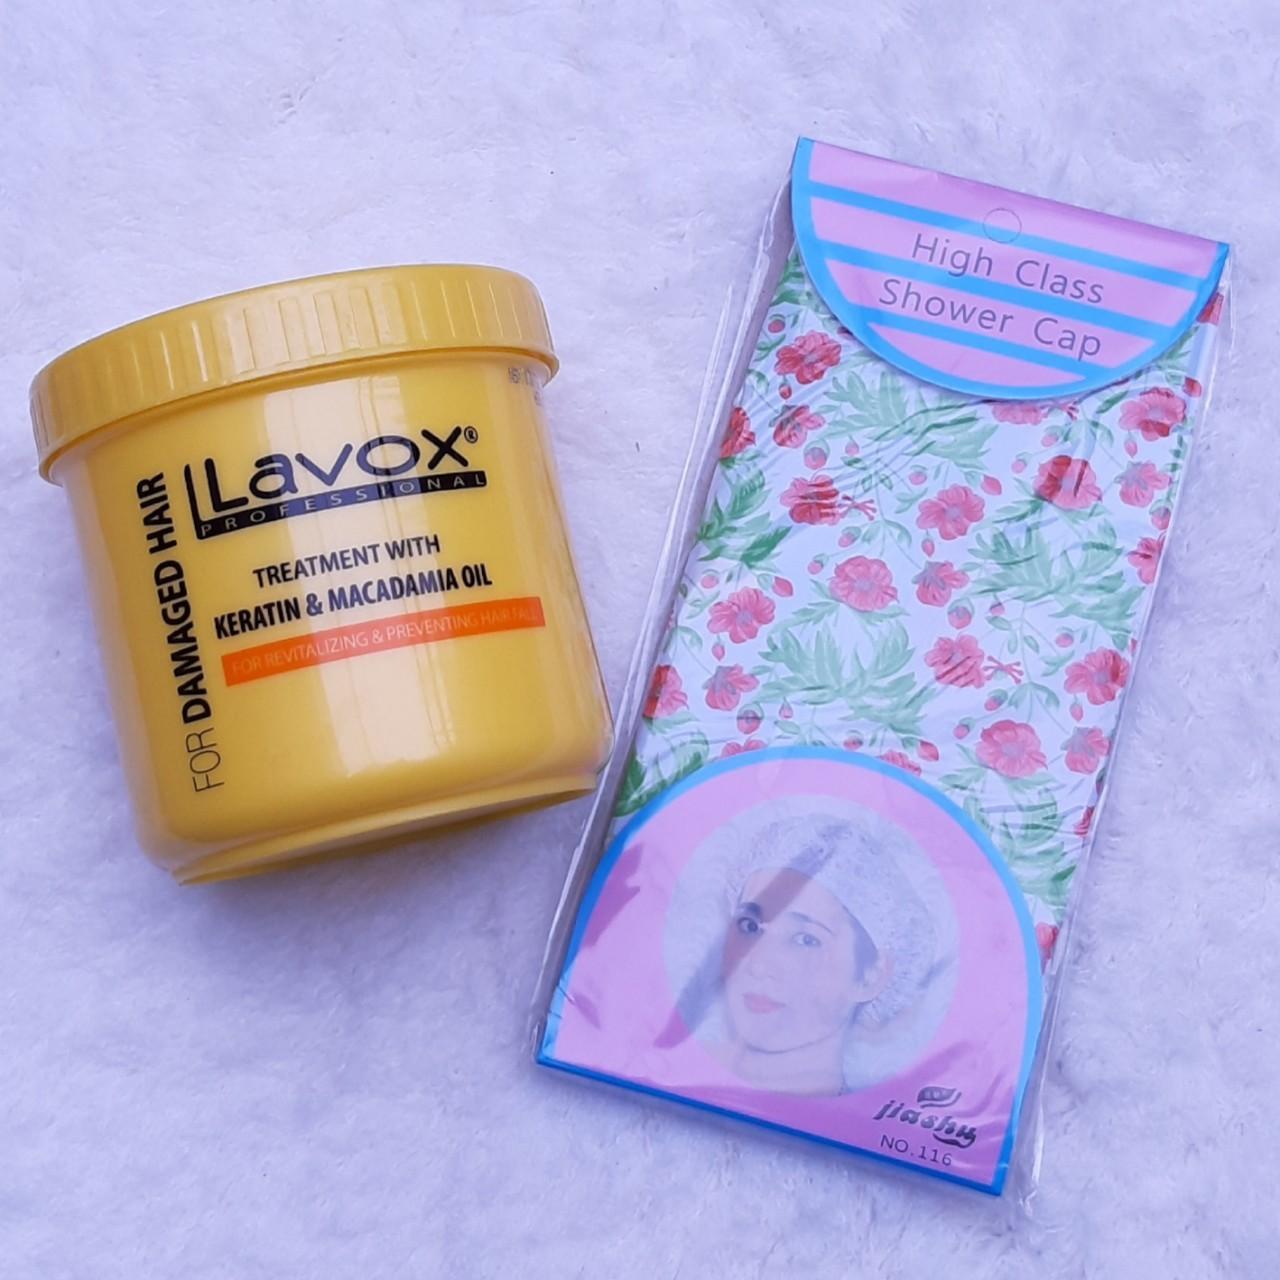 Hấp dầu Nano Collagen Lavox 500ml Ngừa rụng tóc, gãy rụng (tặng nón trùm tóc)